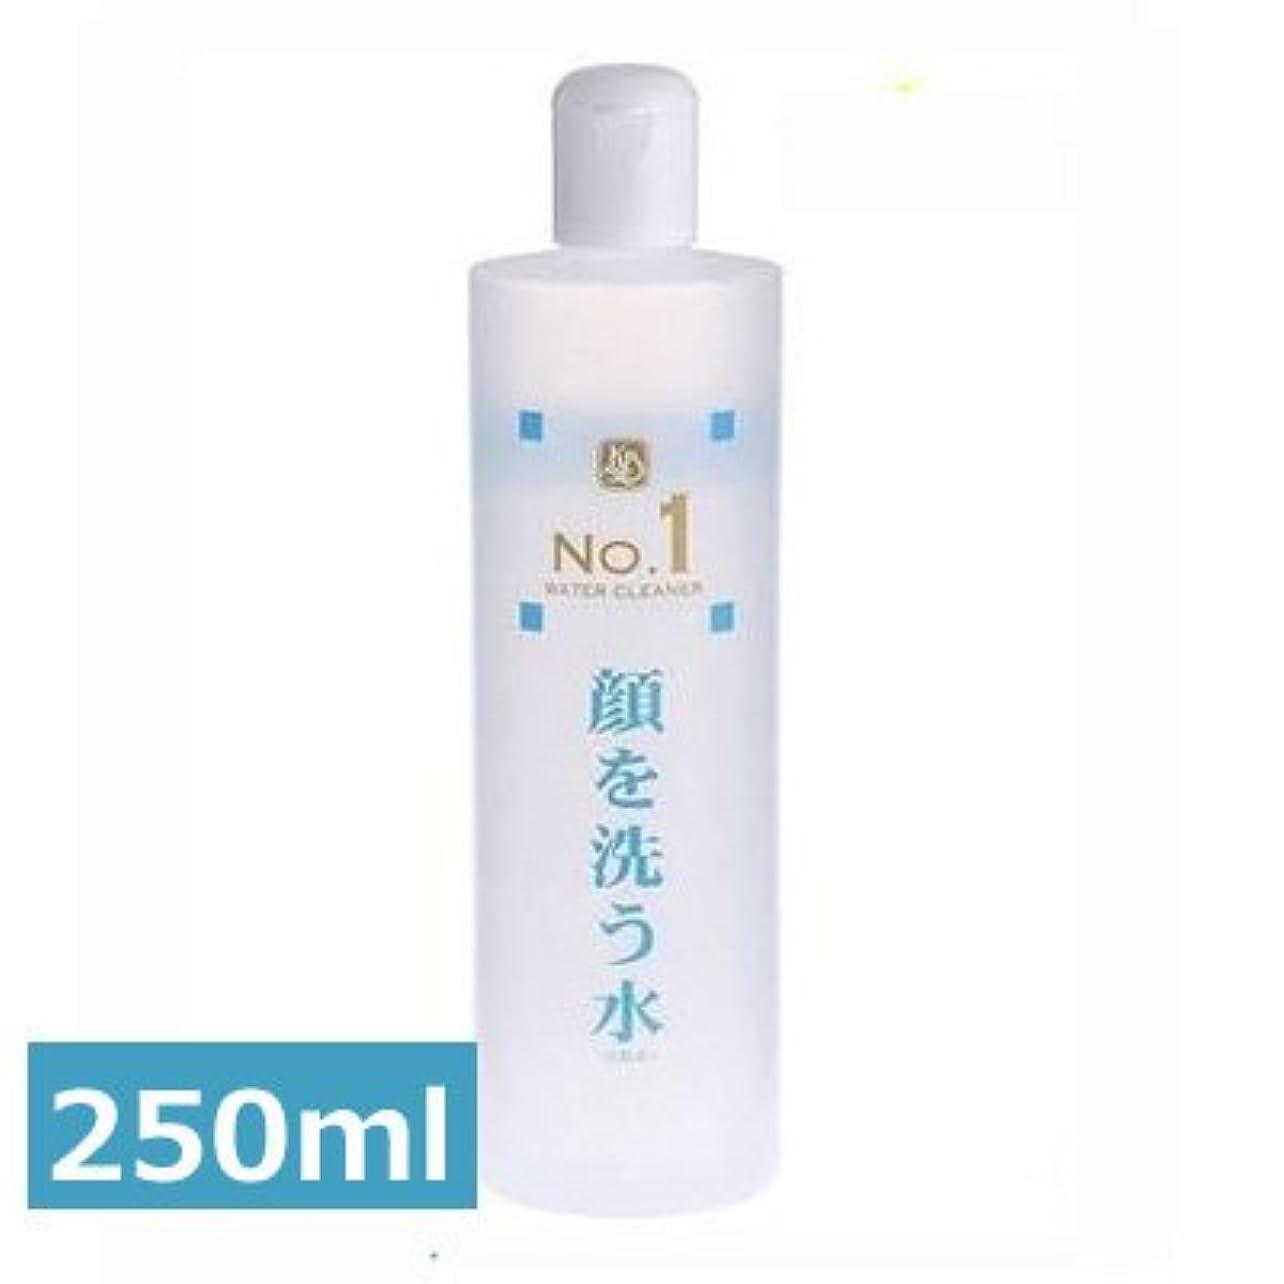 ウォータークリーナー カミヤマ美研 顔を洗う水 No.1 250ml 2本セット